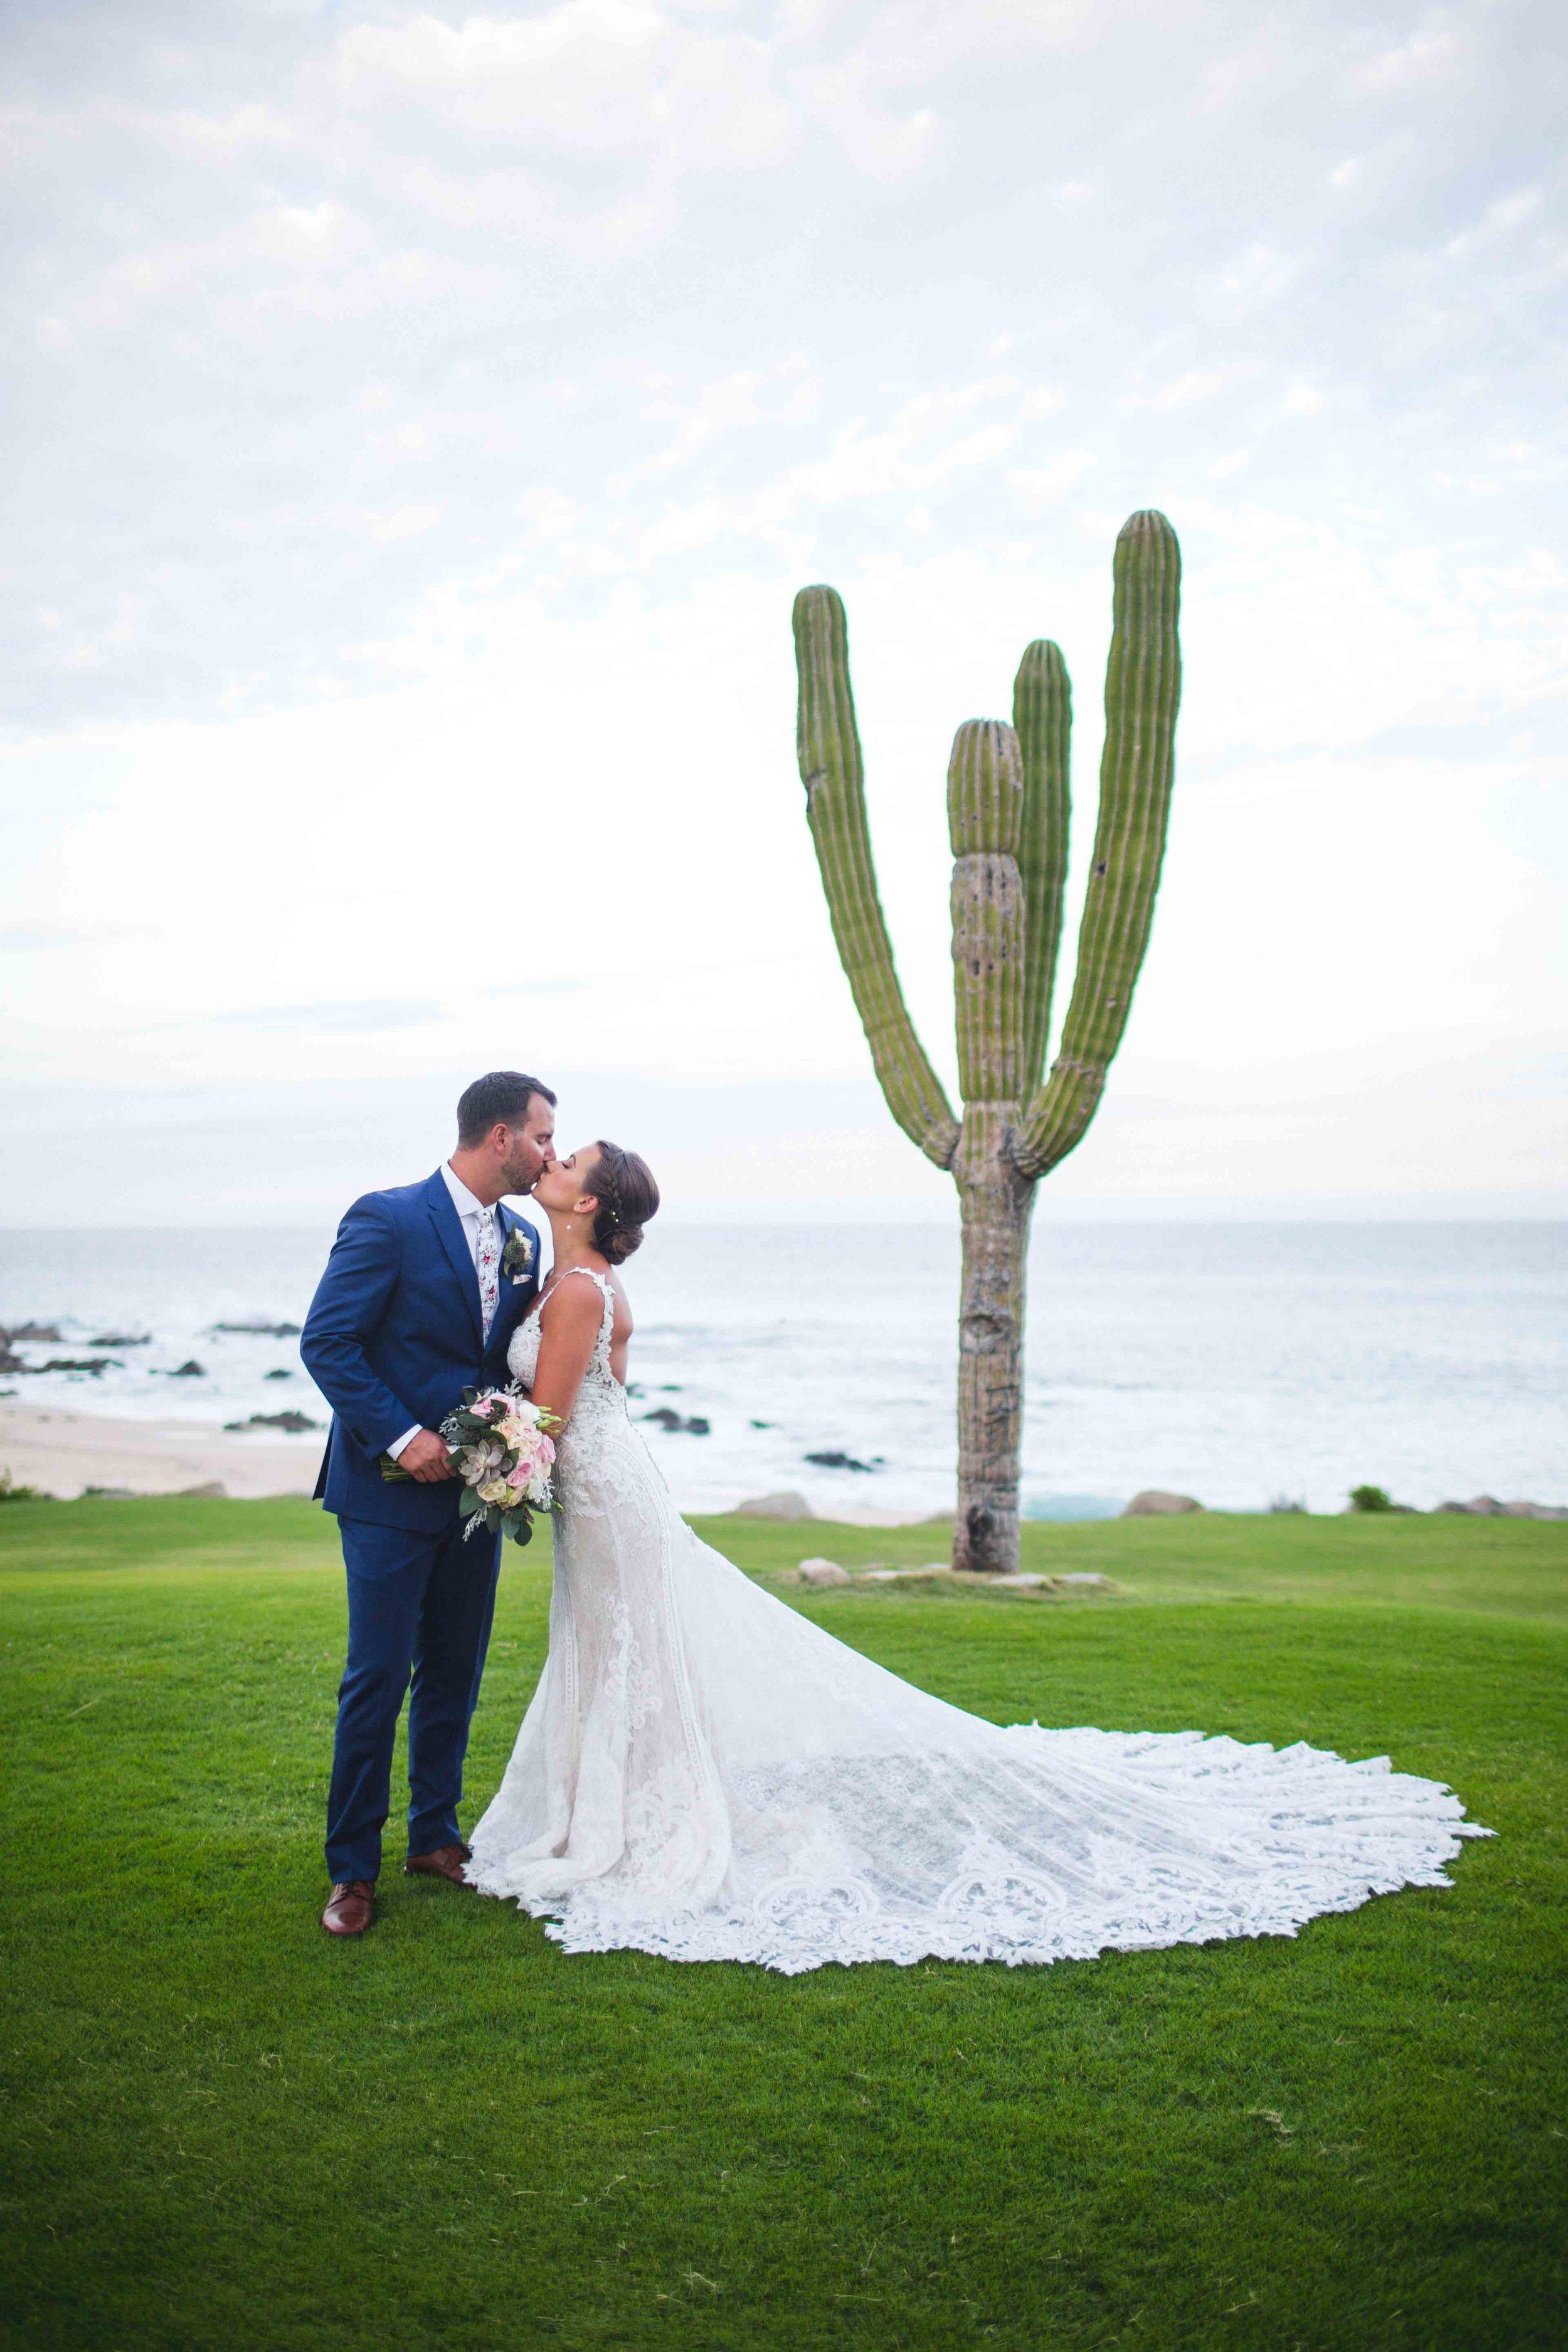 cabo-san-lucas-mexico-wedding-photographer-126.jpg